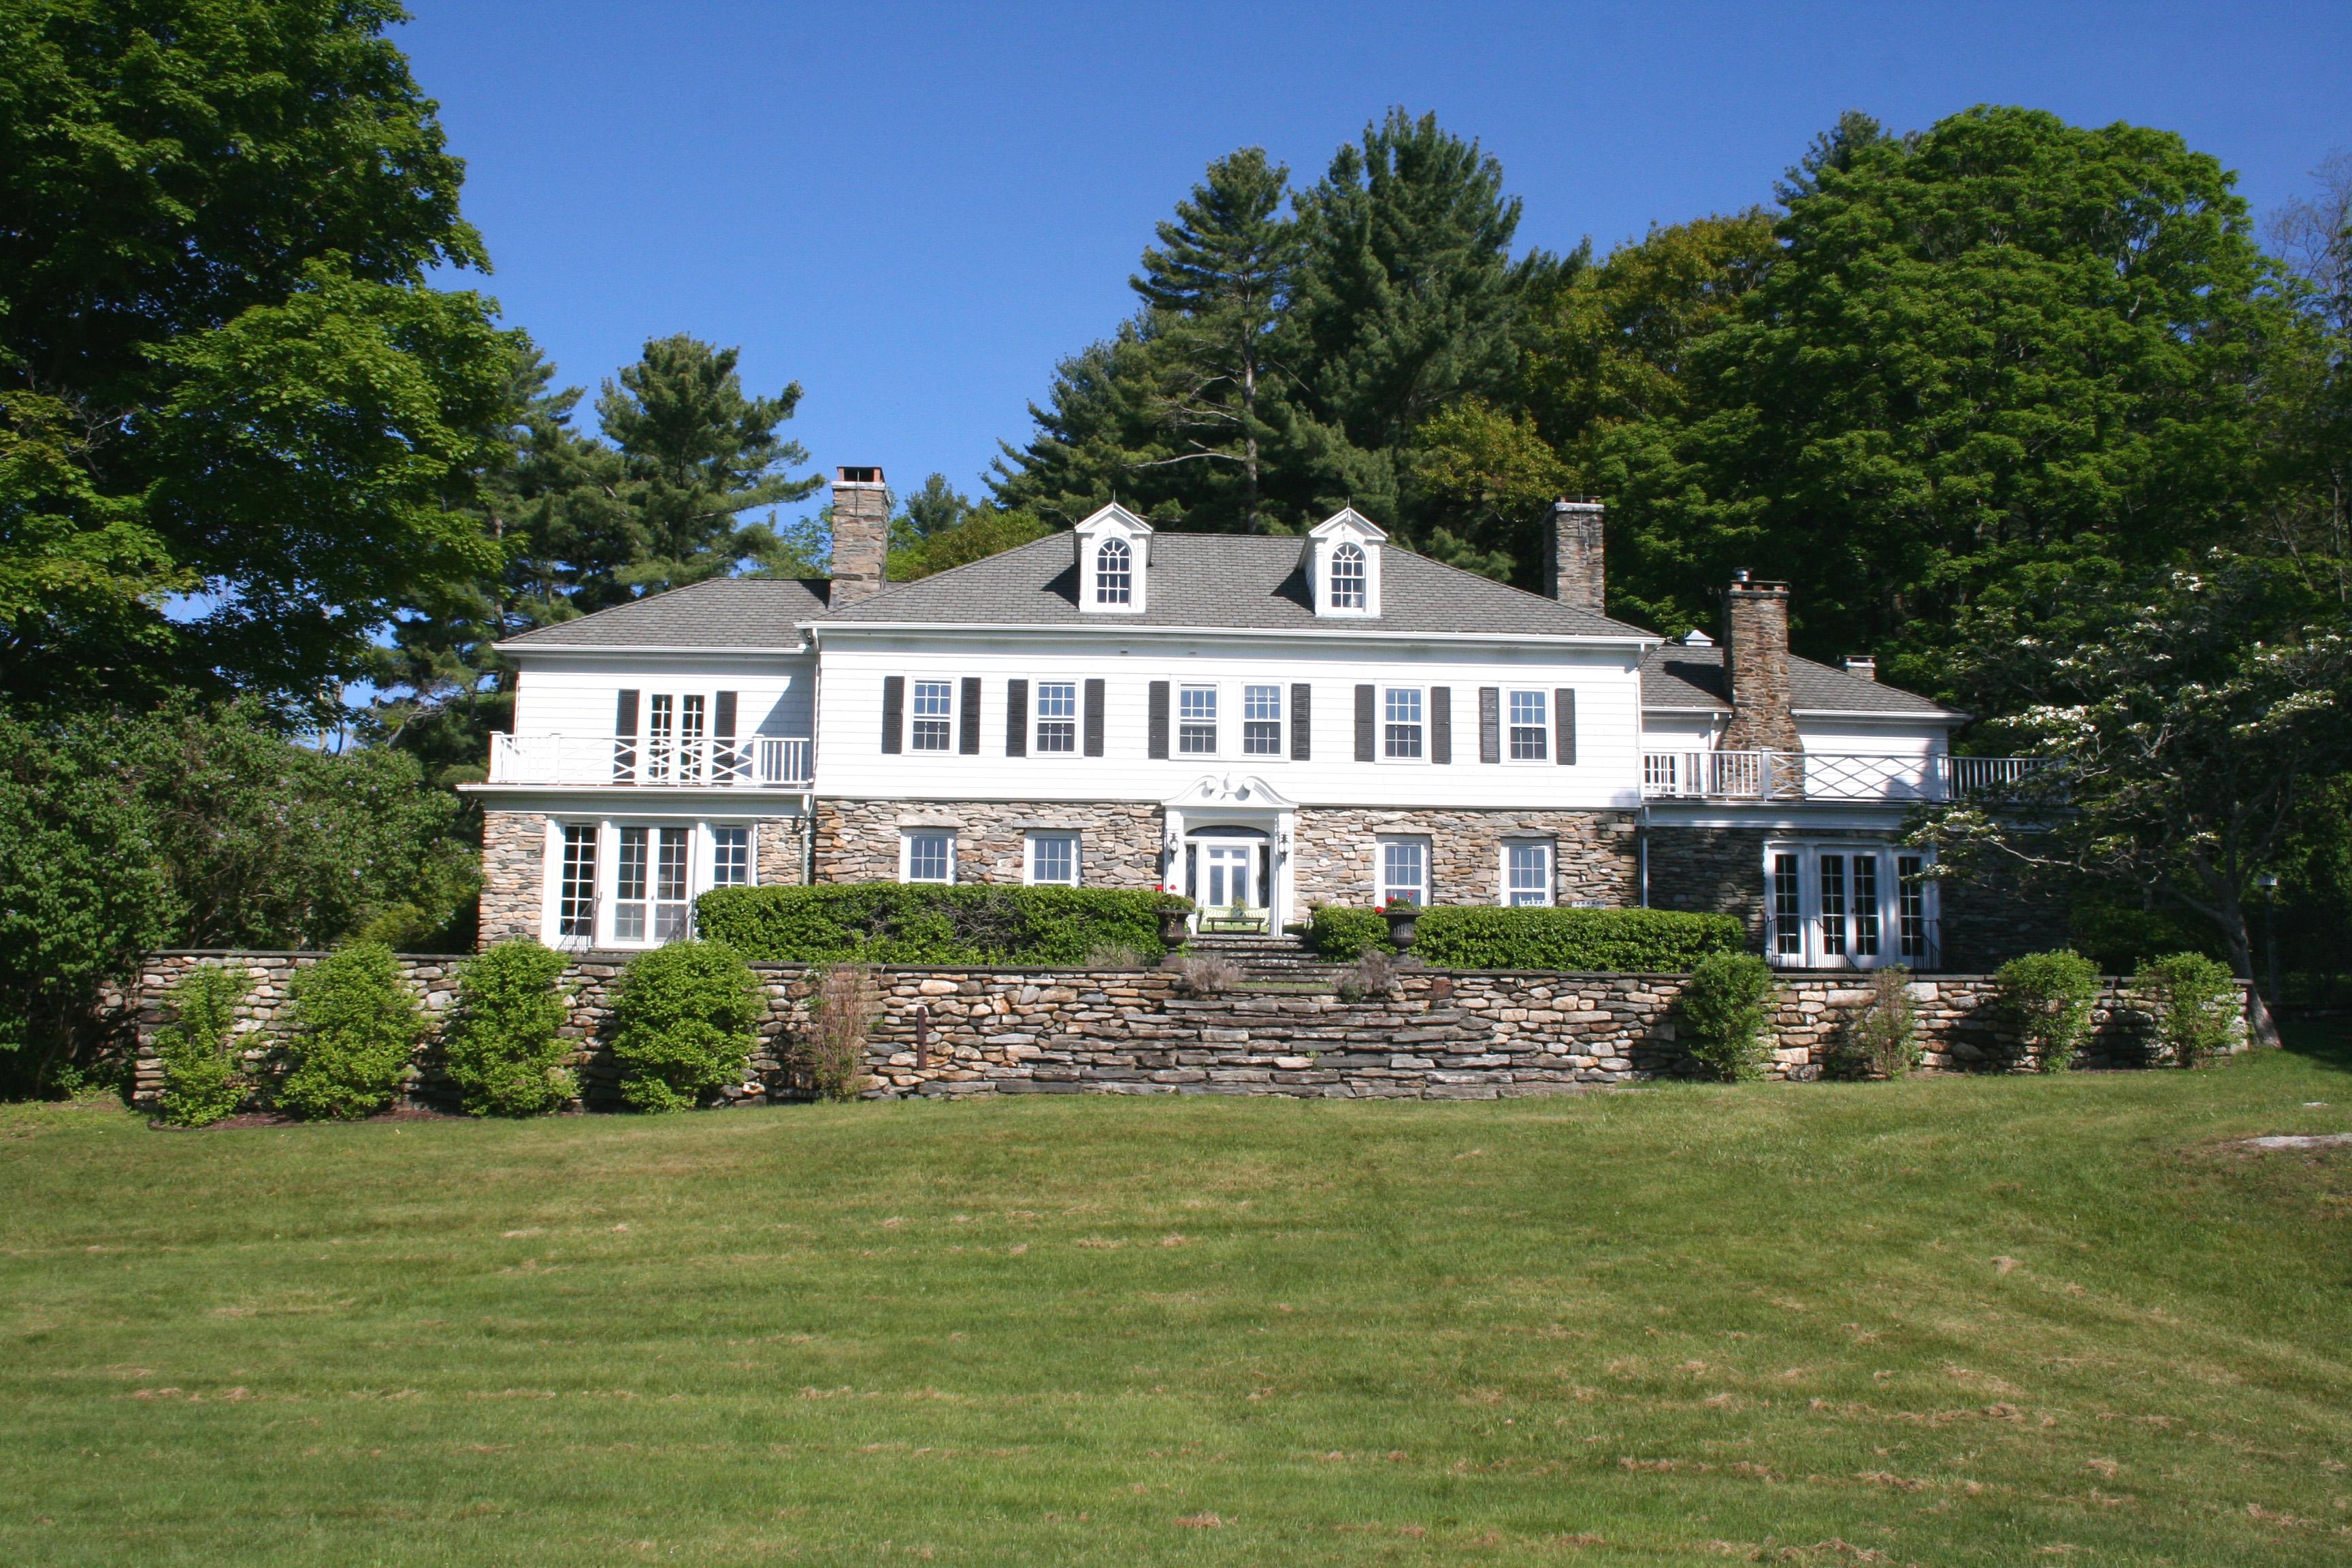 Maison unifamiliale pour l Vente à Spectacular Turn-of-the-Century Berkshire Estate 2 Brace Road Tyringham, Massachusetts 01264 États-Unis